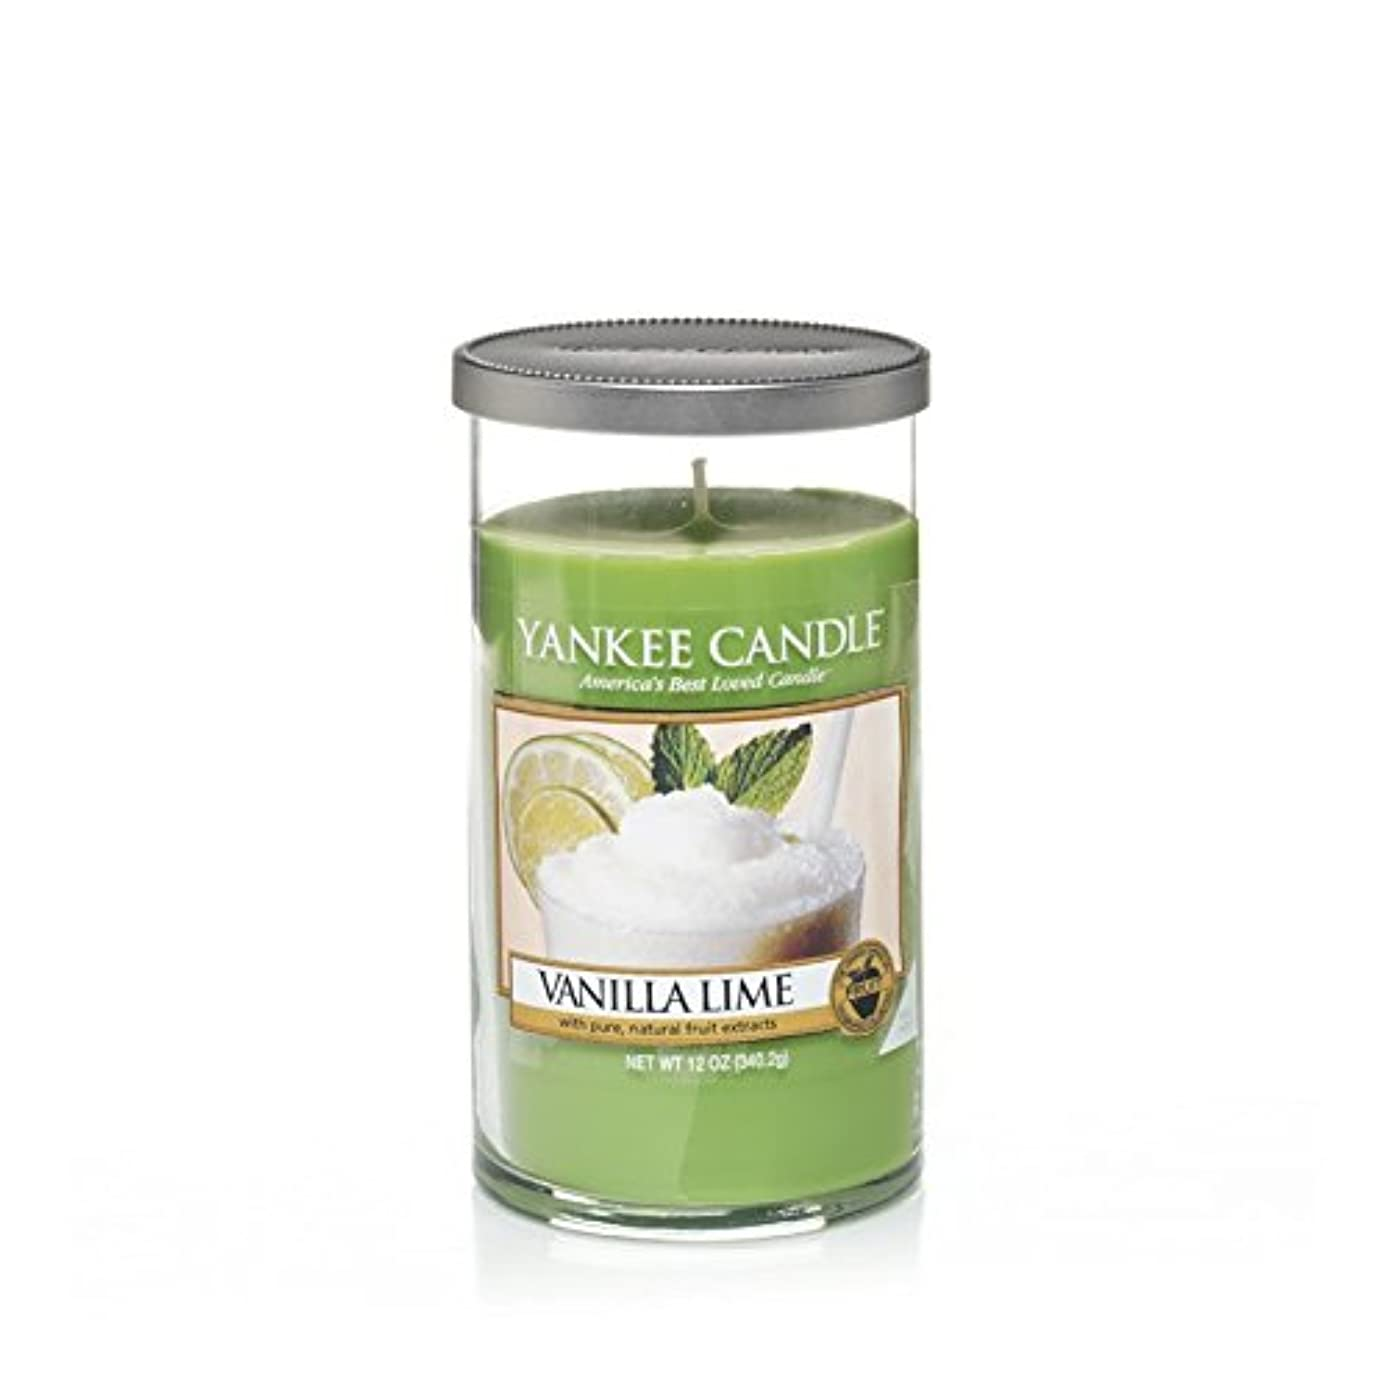 はさみジョージスティーブンソン狂乱Yankee Candles Medium Pillar Candle - Vanilla Lime (Pack of 2) - ヤンキーキャンドルメディアピラーキャンドル - バニラライム (x2) [並行輸入品]